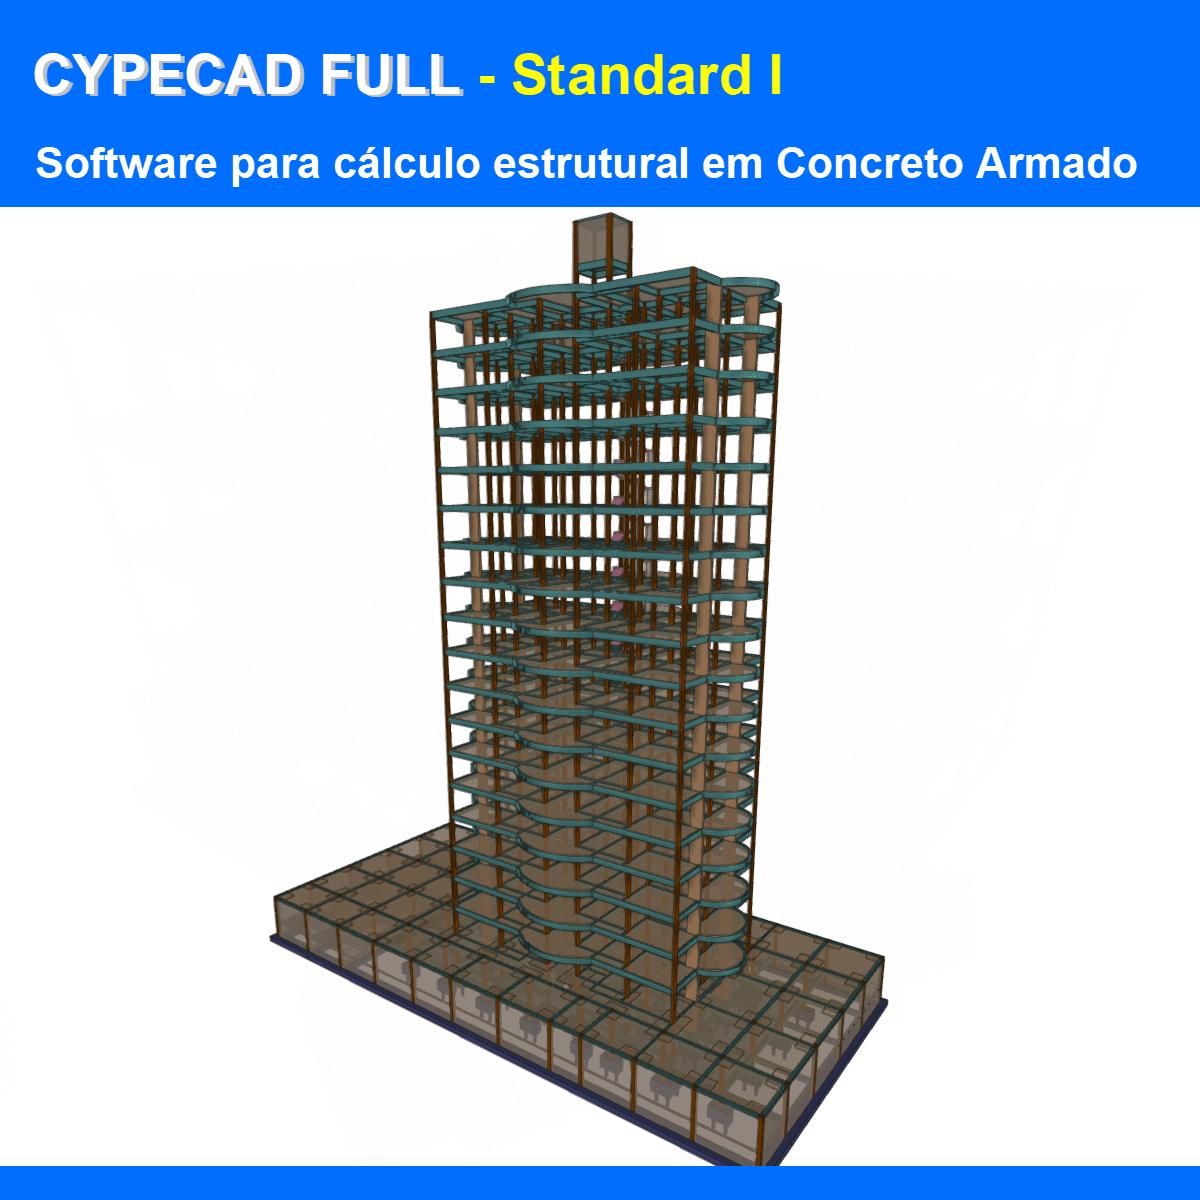 """Software CYPECAD Full Standard I versão 2022 (Licença Eletrônica) incluindo a modulação descrita em """"Itens Inclusos"""" a seguir  - MULTIPLUS SOFTWARES"""